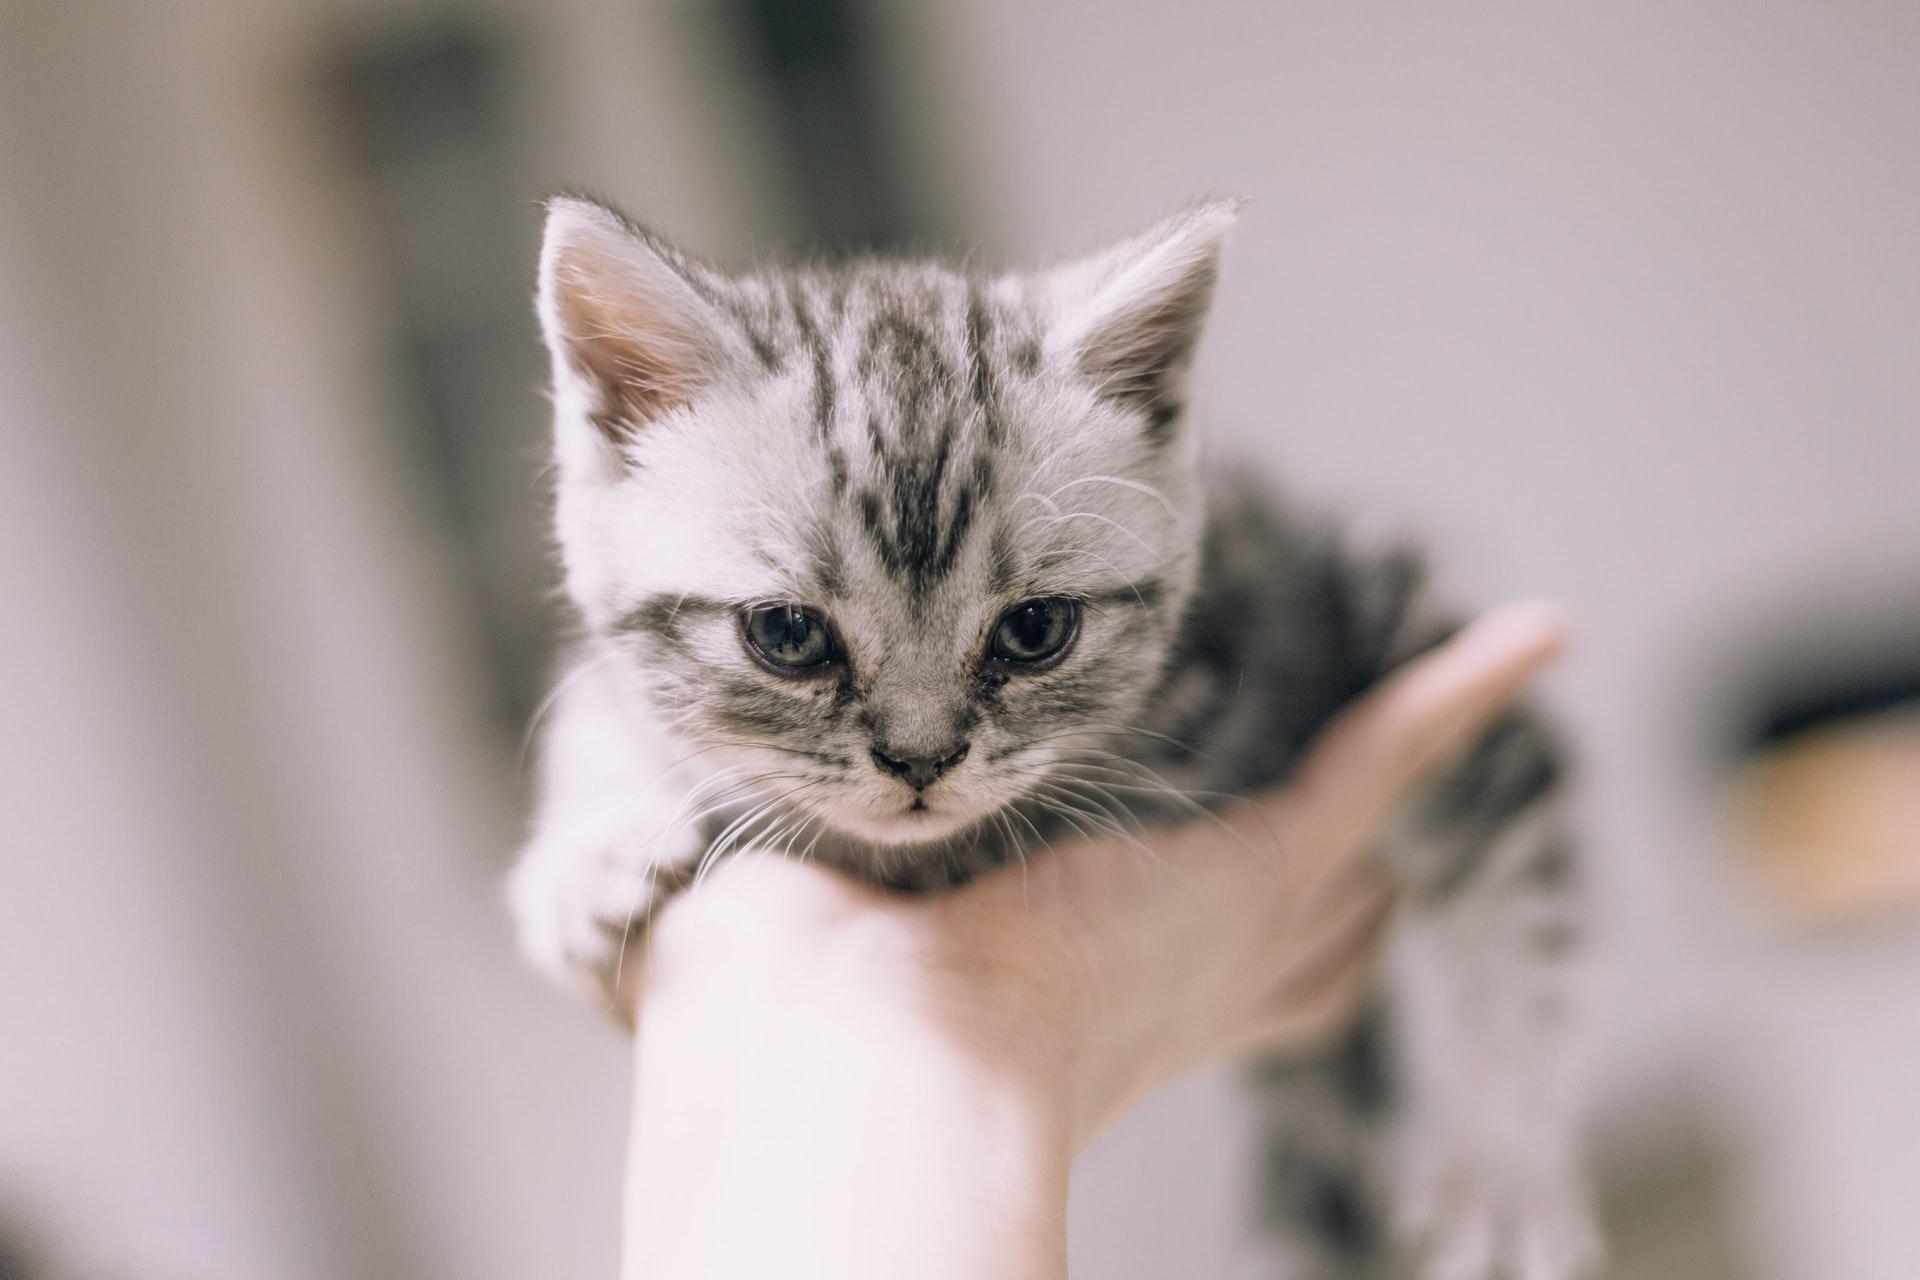 gato pequeño en la mano